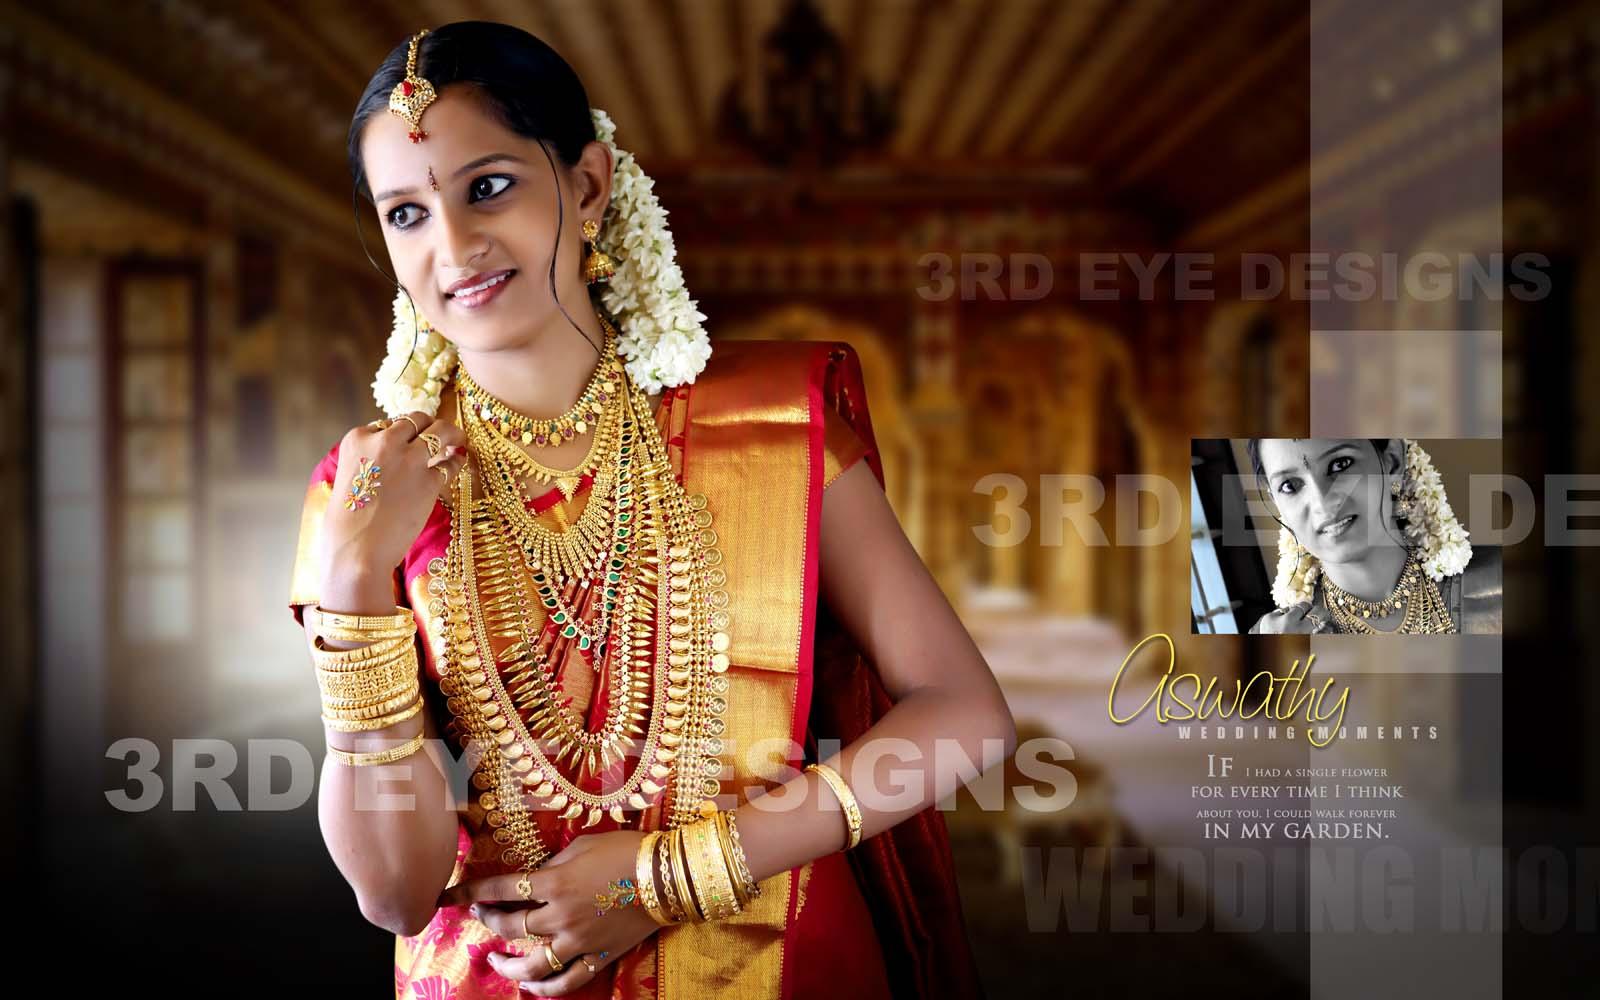 wedding albums, wedding albums, kerala wedding album designs, wedding ...: 3rdeyedesigner.blogspot.in/2012/07/kerala-wedding-albums-wedding...